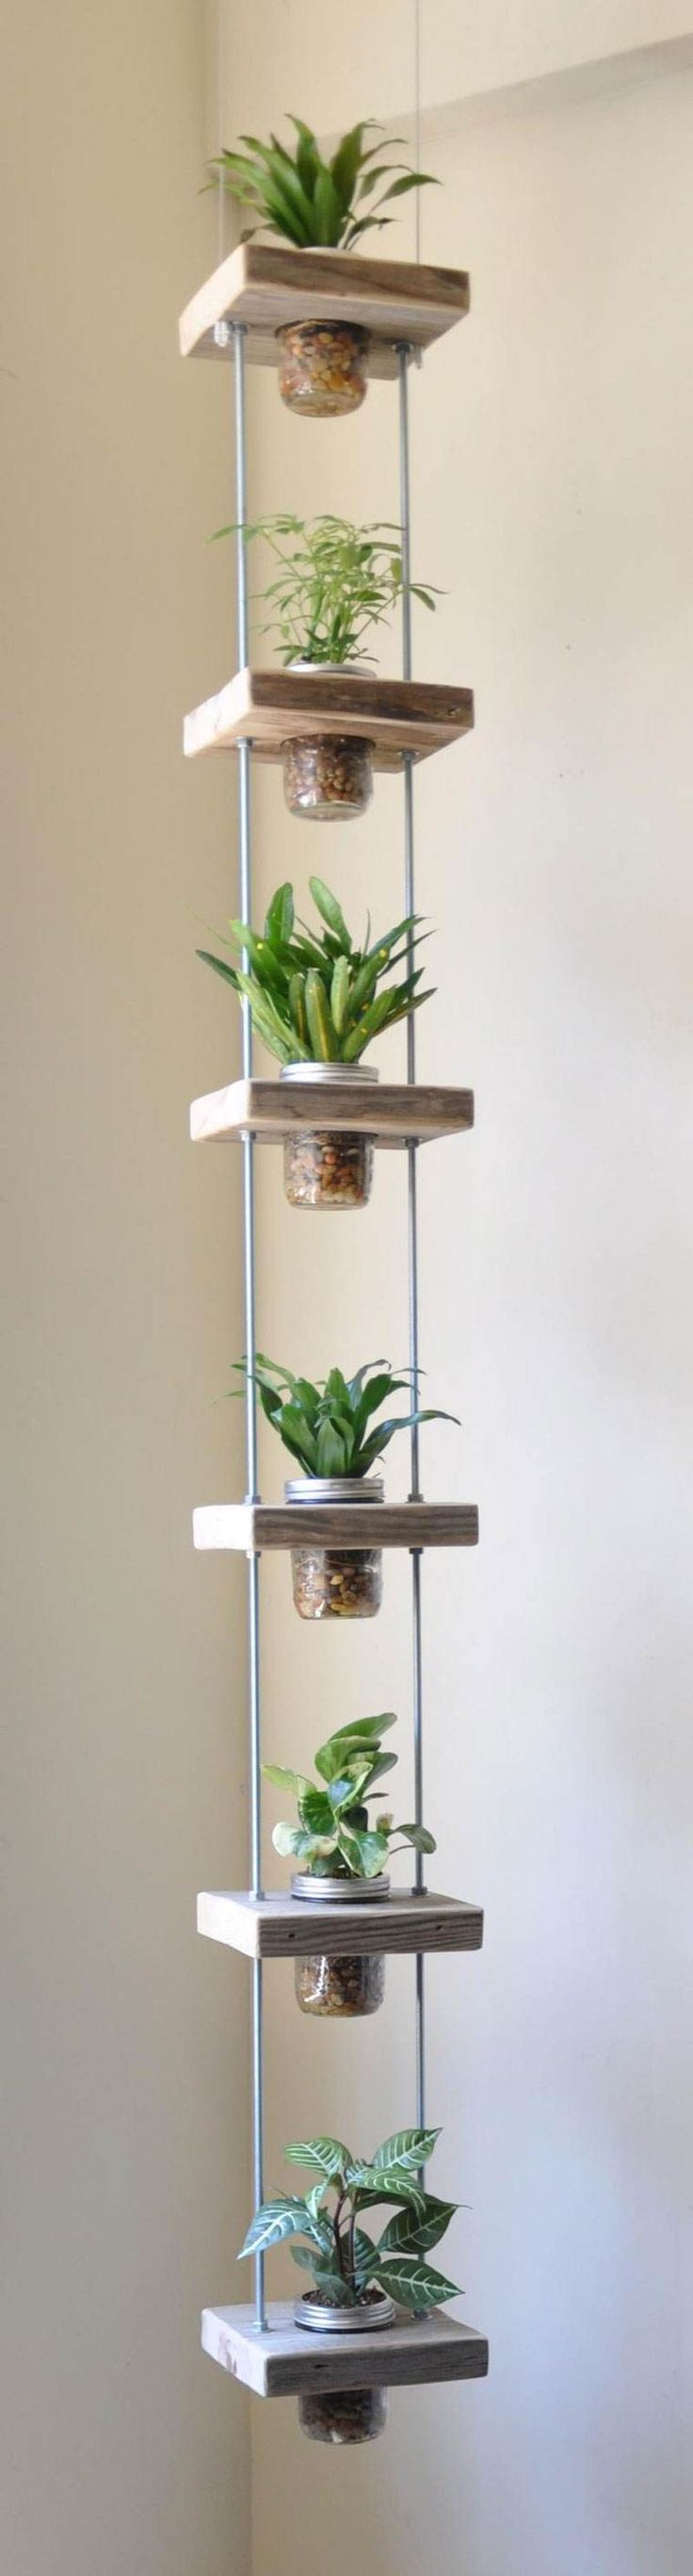 Idée originale à réaliser avec des pots en verre et des suspensions